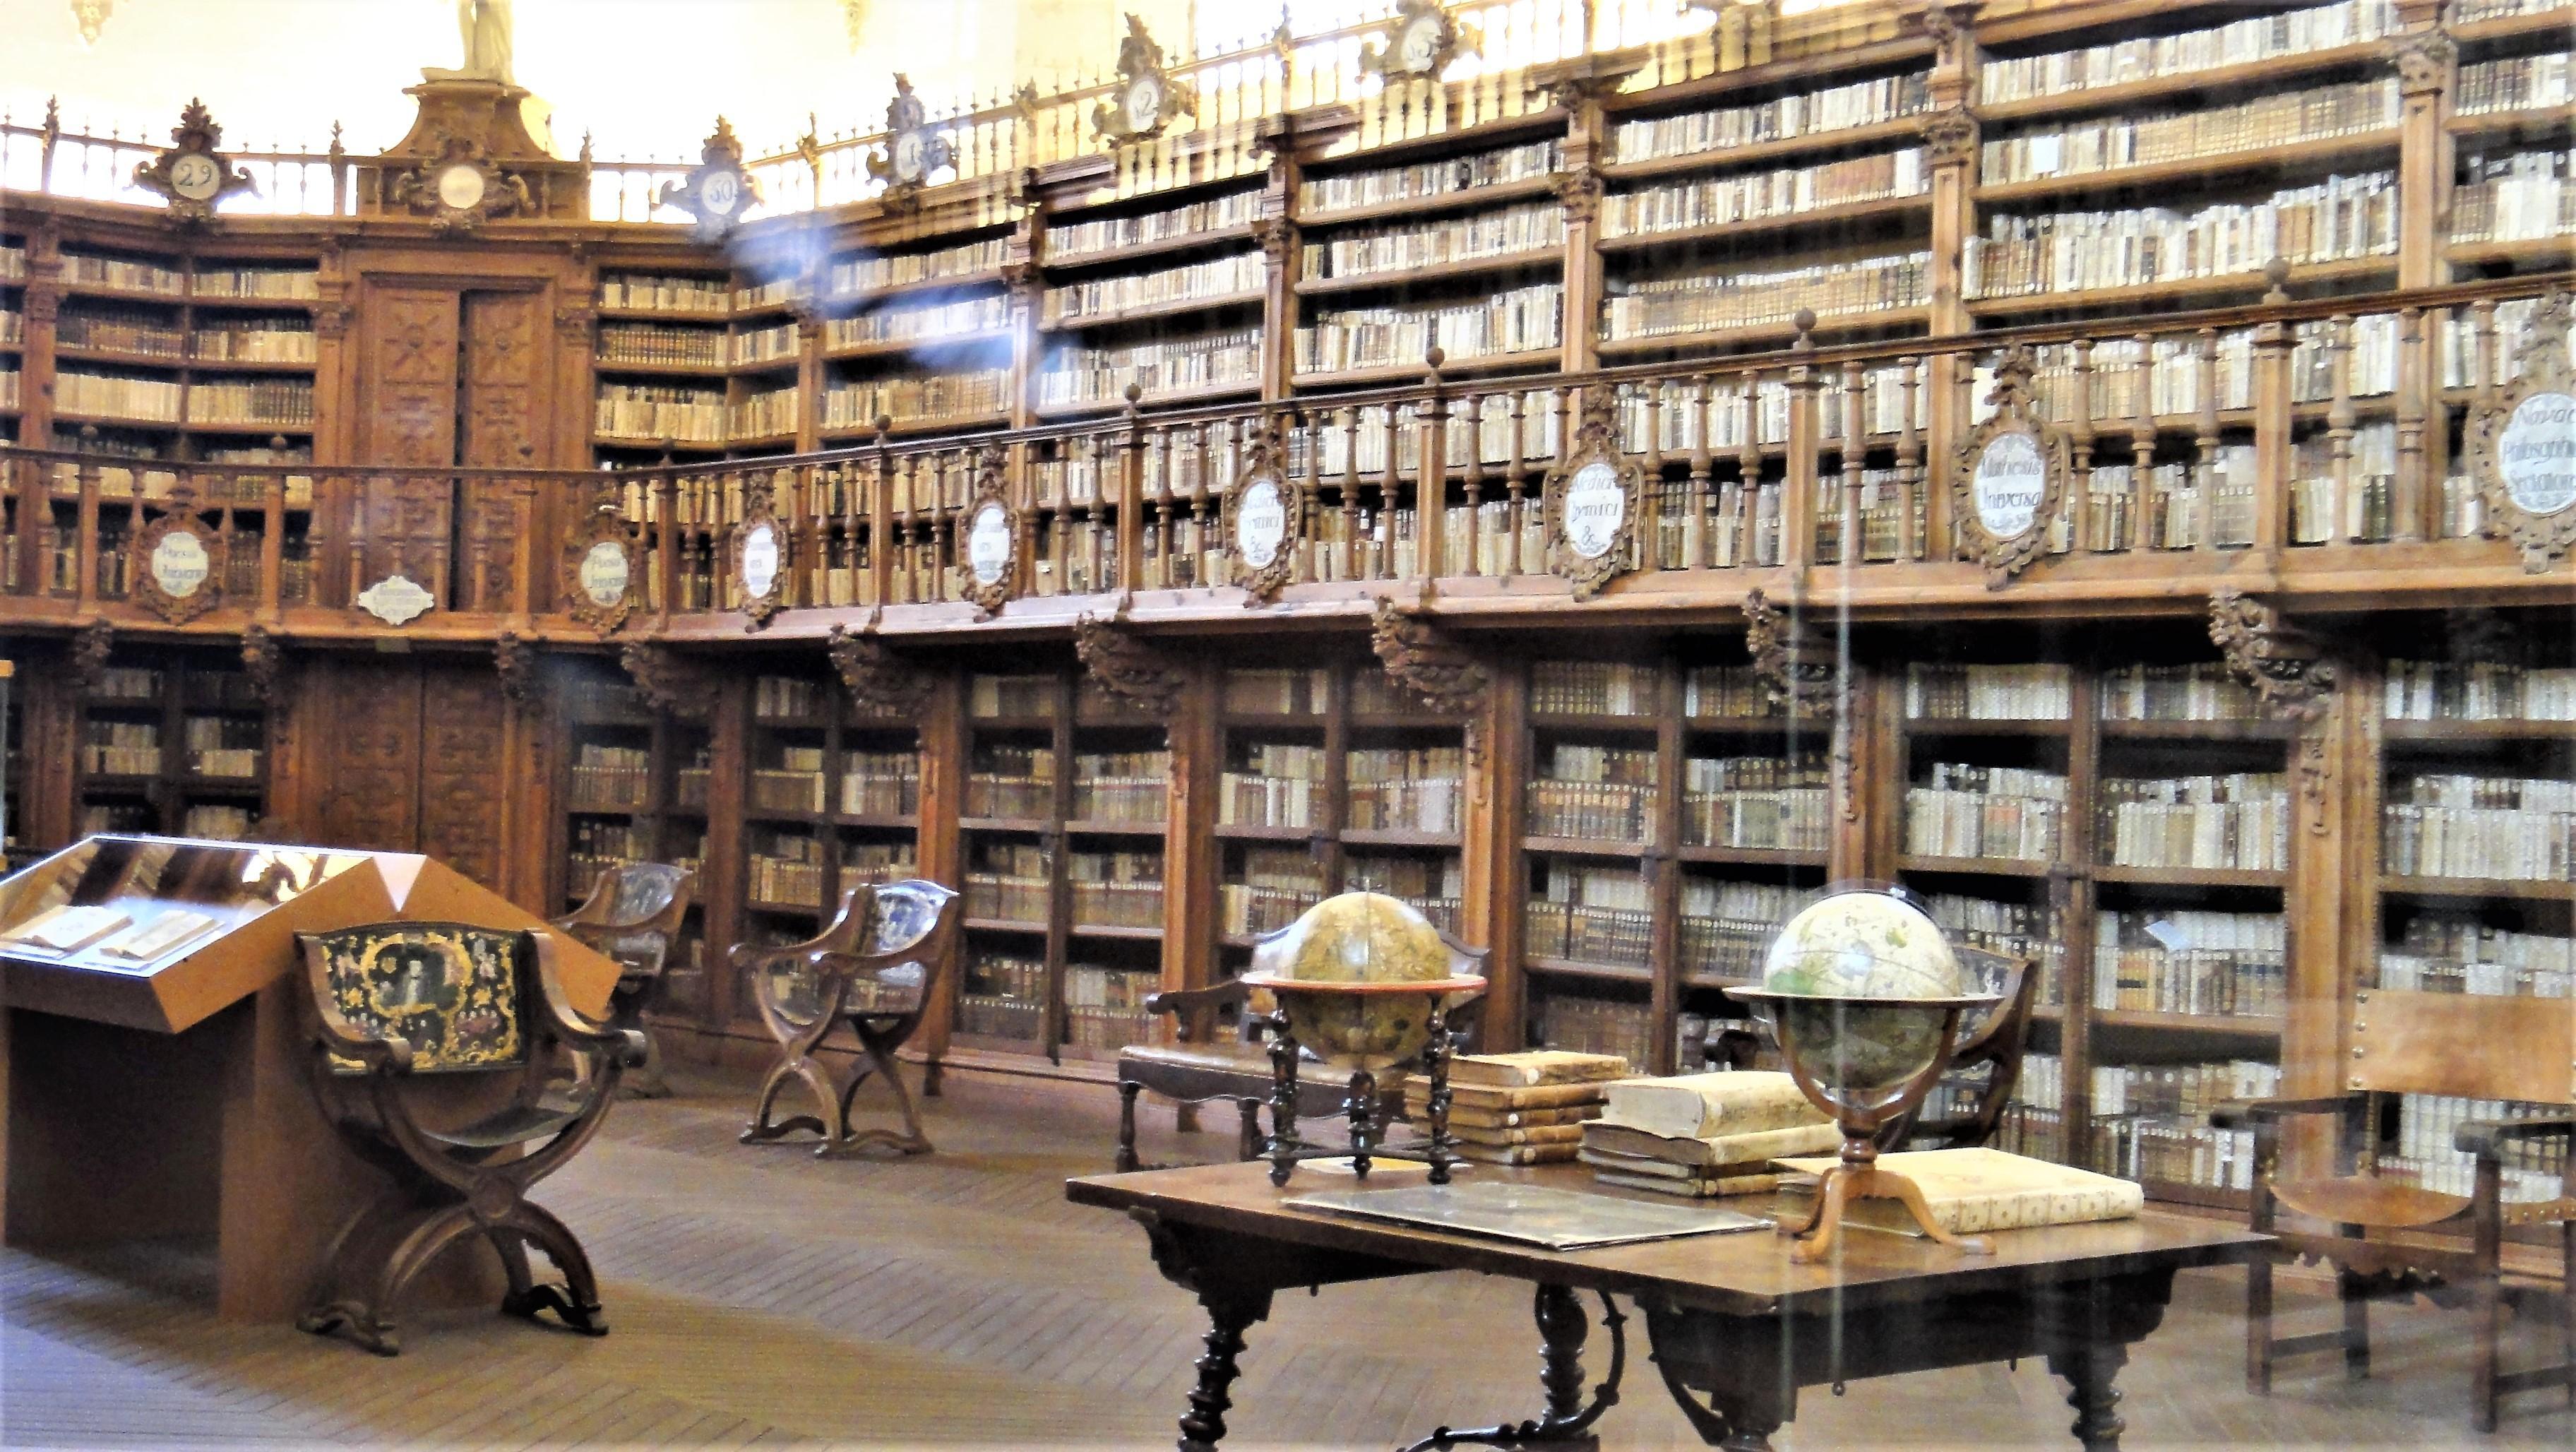 サラマンカ大学旧図書館DSC01388.JPG